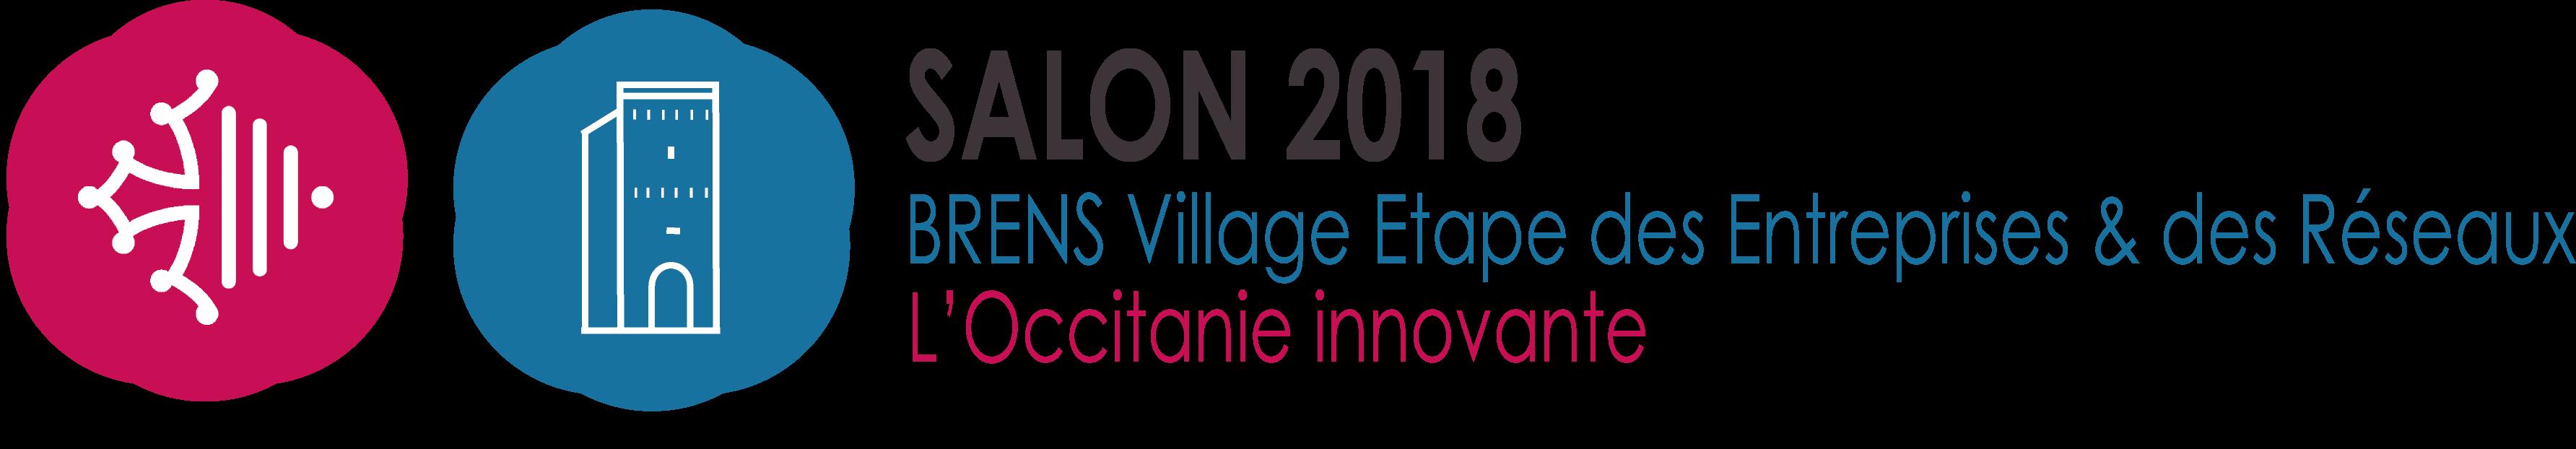 Brens Village Etape des Entreprises et des Réseaux en Occitanie